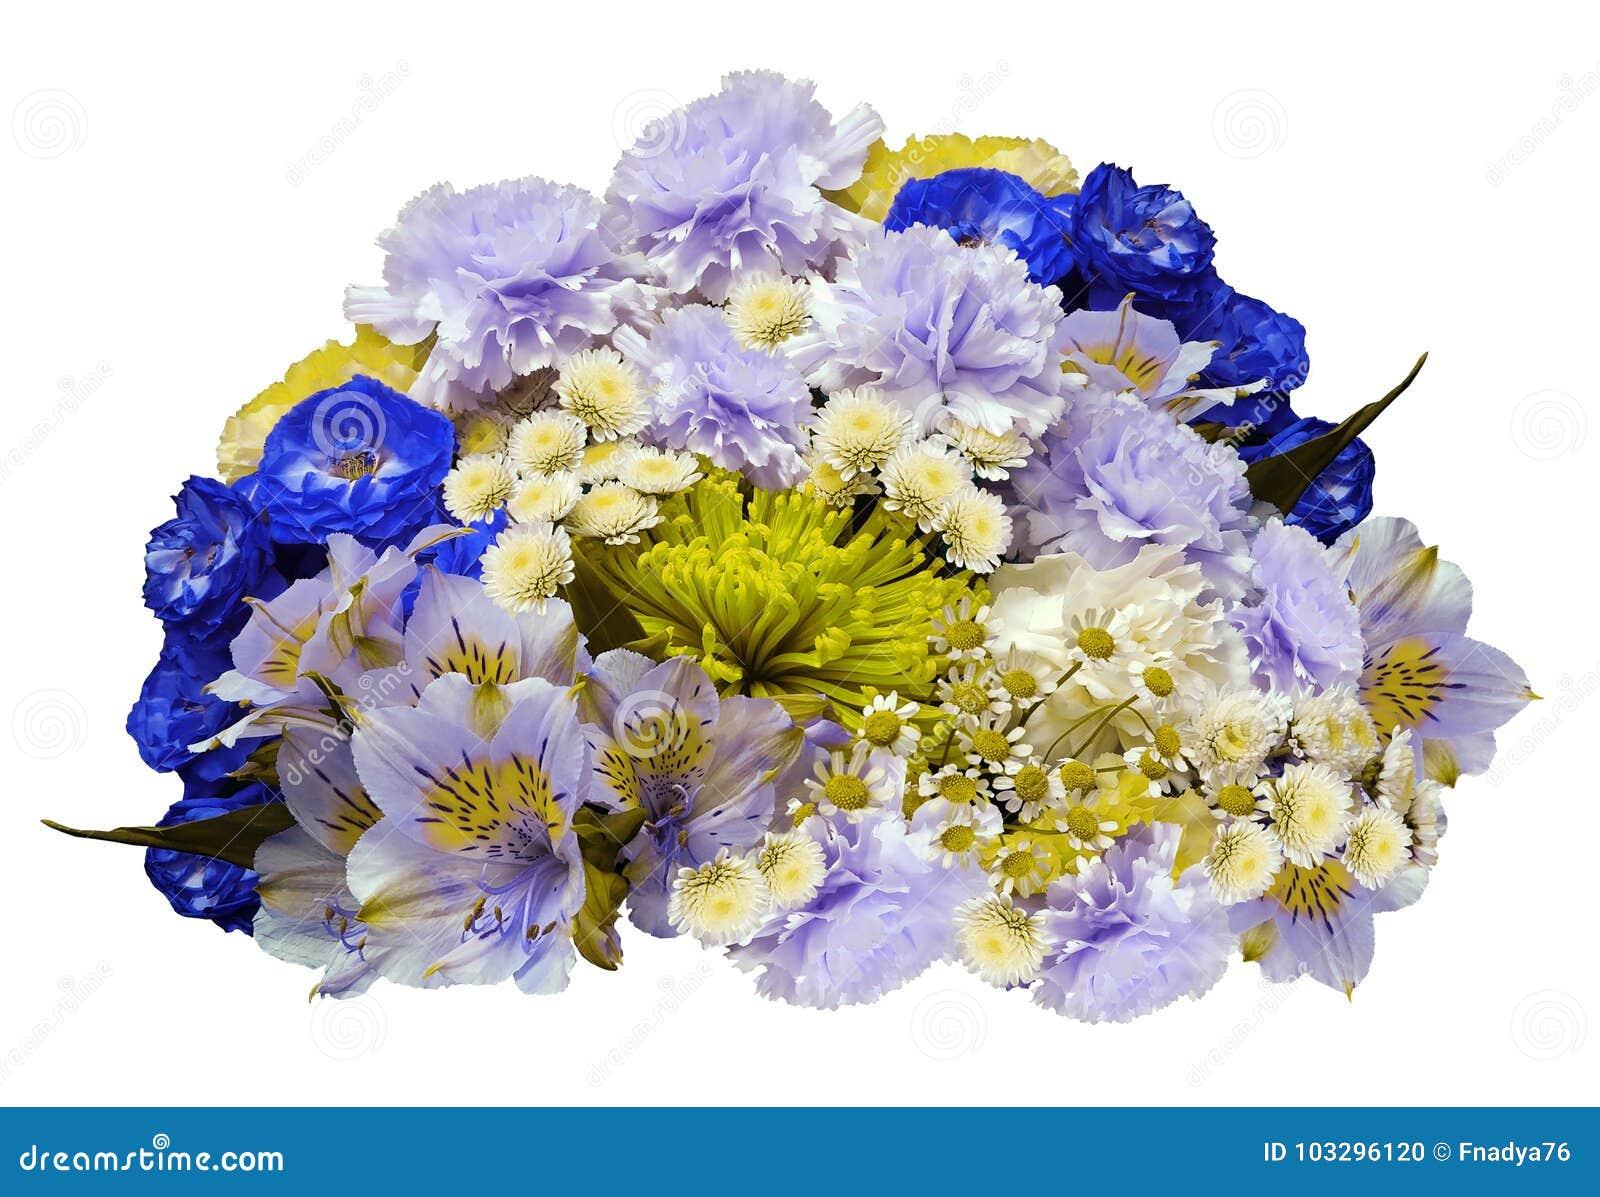 Fiori Bianchi Ombra.Mazzo Dei Fiori Bianchi Blu Viola Giallo Su Un Fondo Bianco